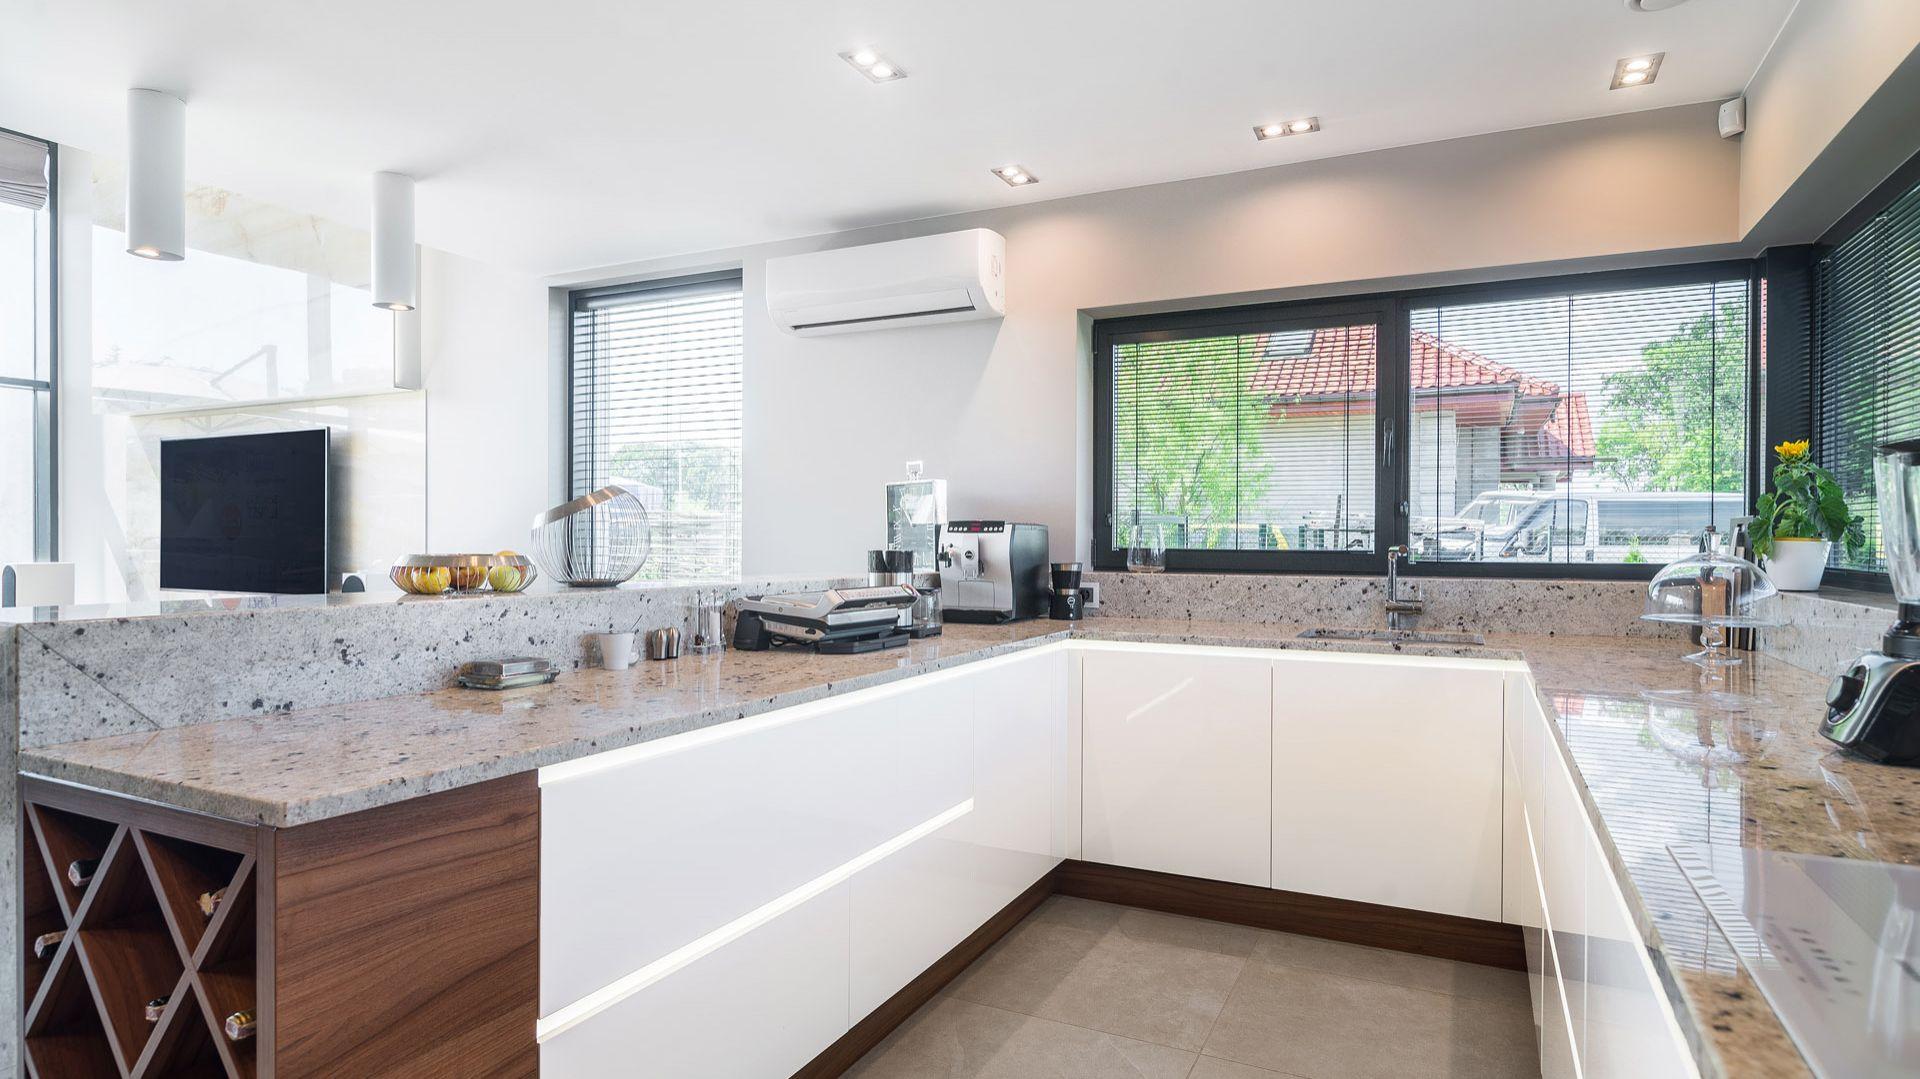 Blat oraz półwysep w kuchni zostały wykonane z granitu kashmir white. Źródło: Dekorian Home. Projekt: Marta Sergiej. Fot. Wojciech Dziadosz